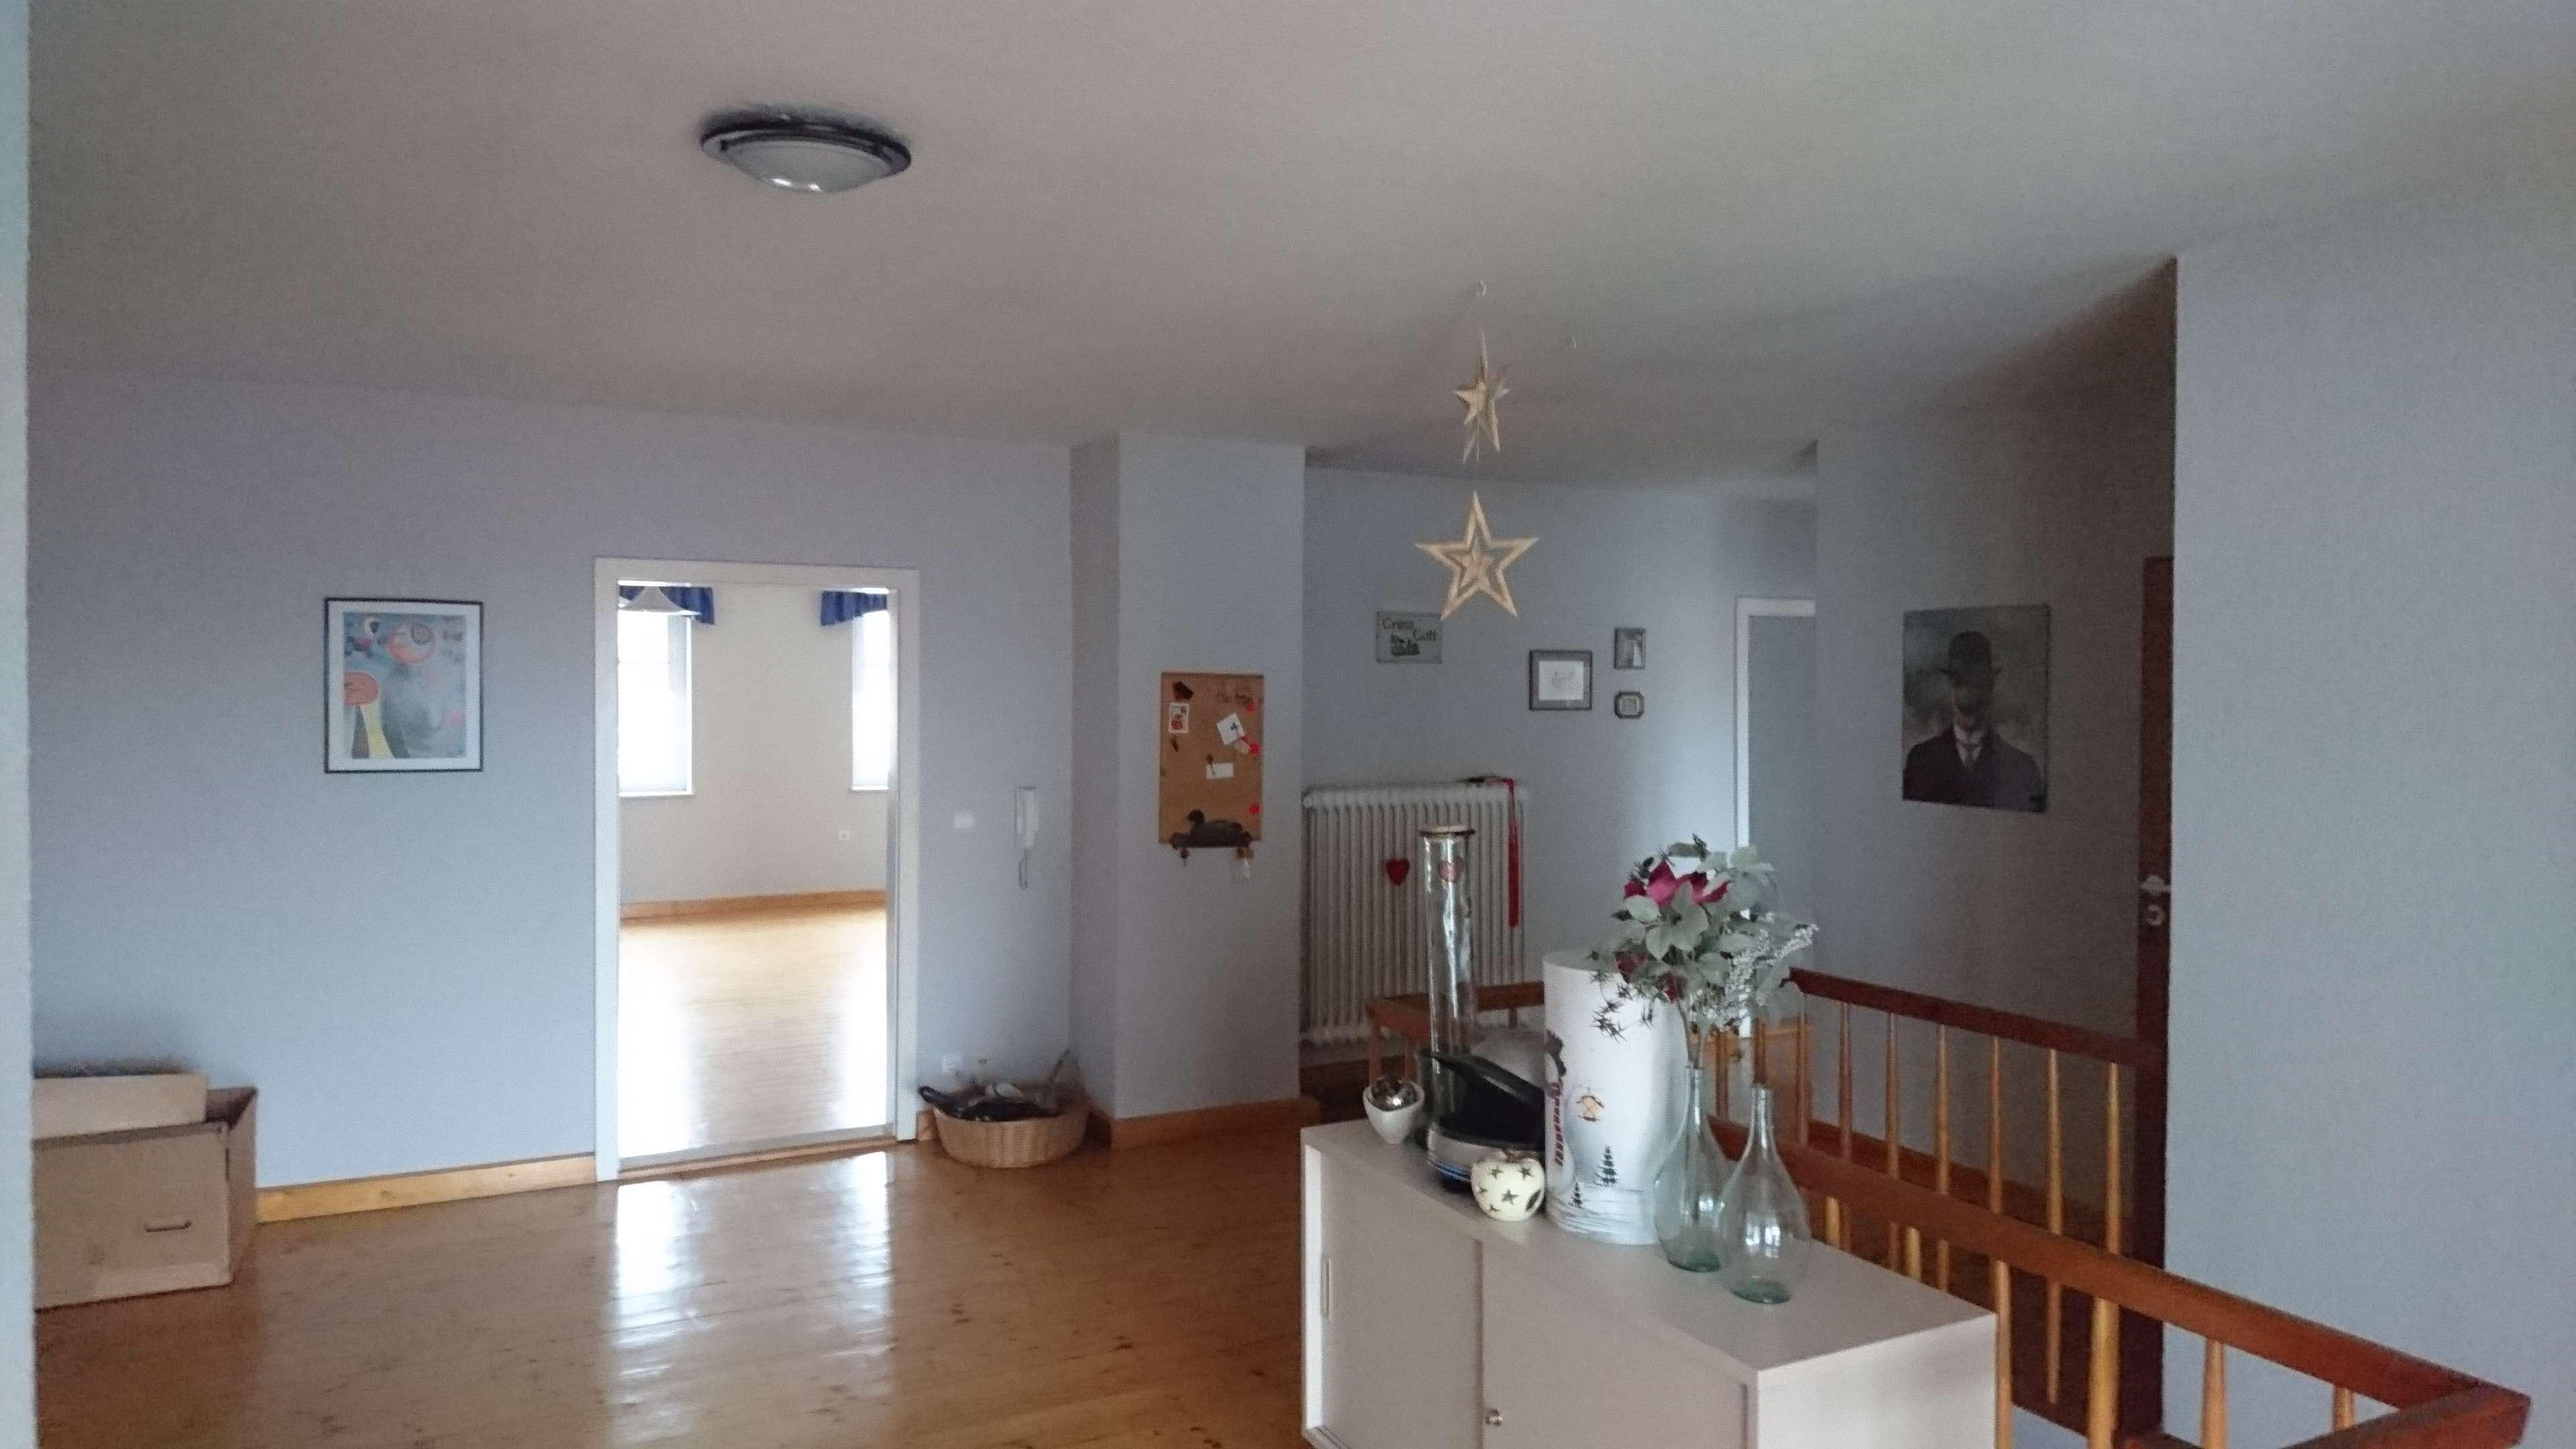 3-Zimmer-Wohnung mit großer Wohndiele, Balkon und Einbauküche in Waldmünchen